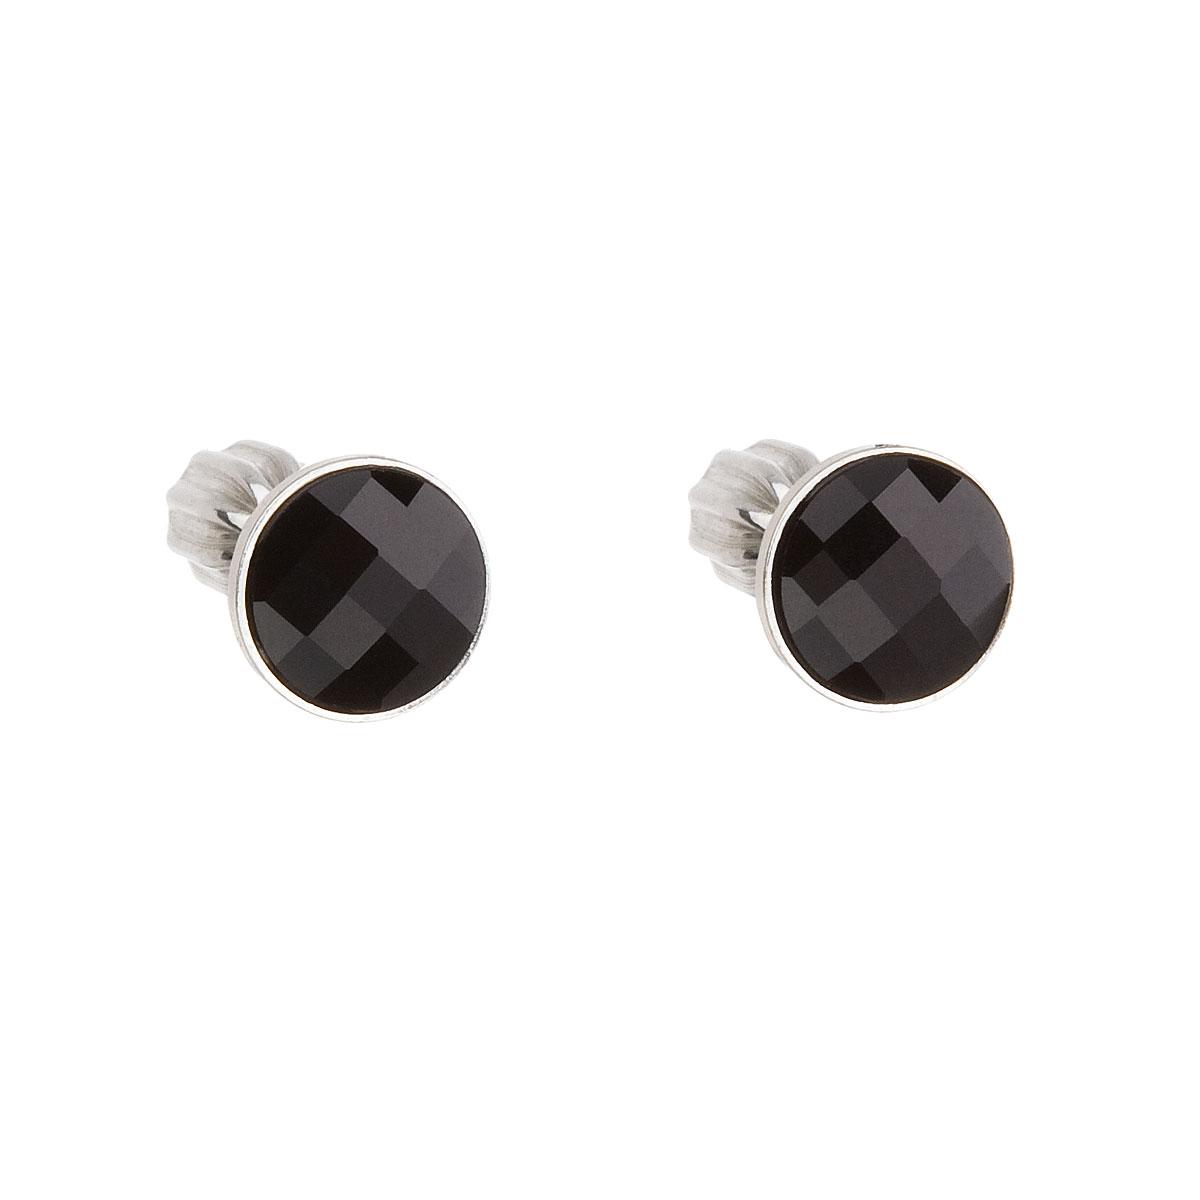 Stříbrné náušnice pecka s krystaly Swarovski černé kulaté 31137.3